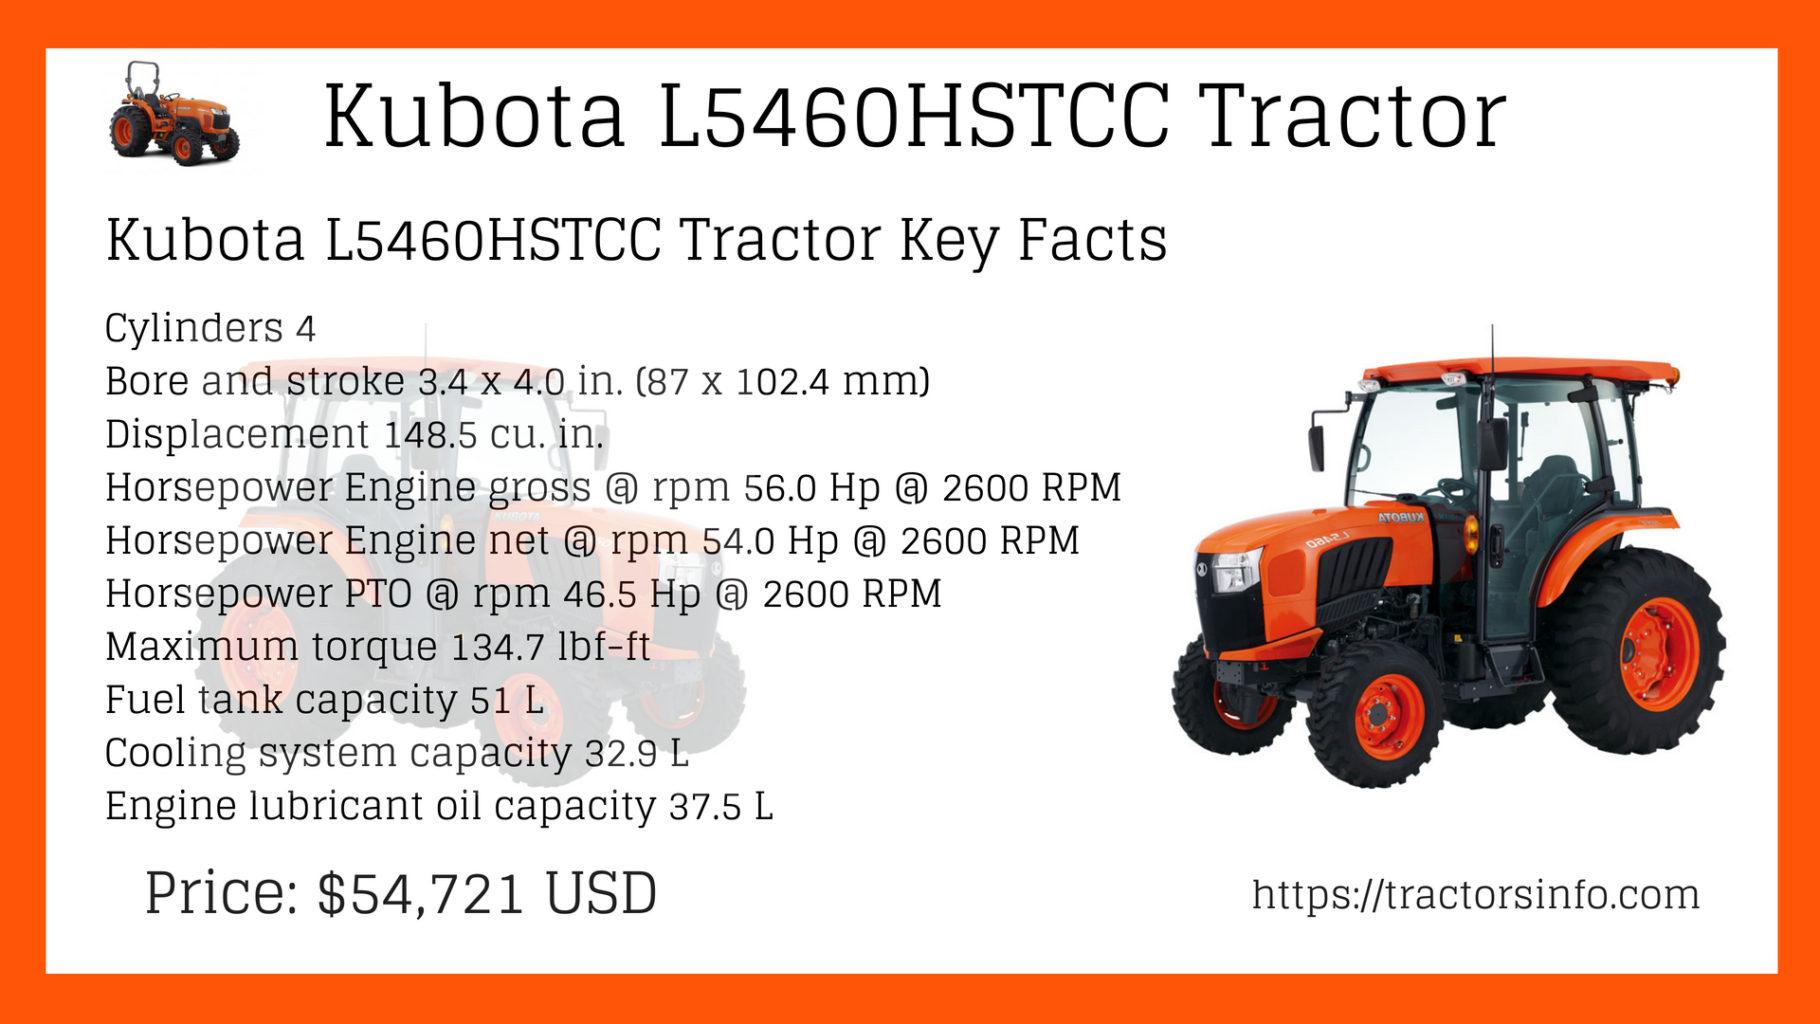 Kubota L5460HSTCC Tractor